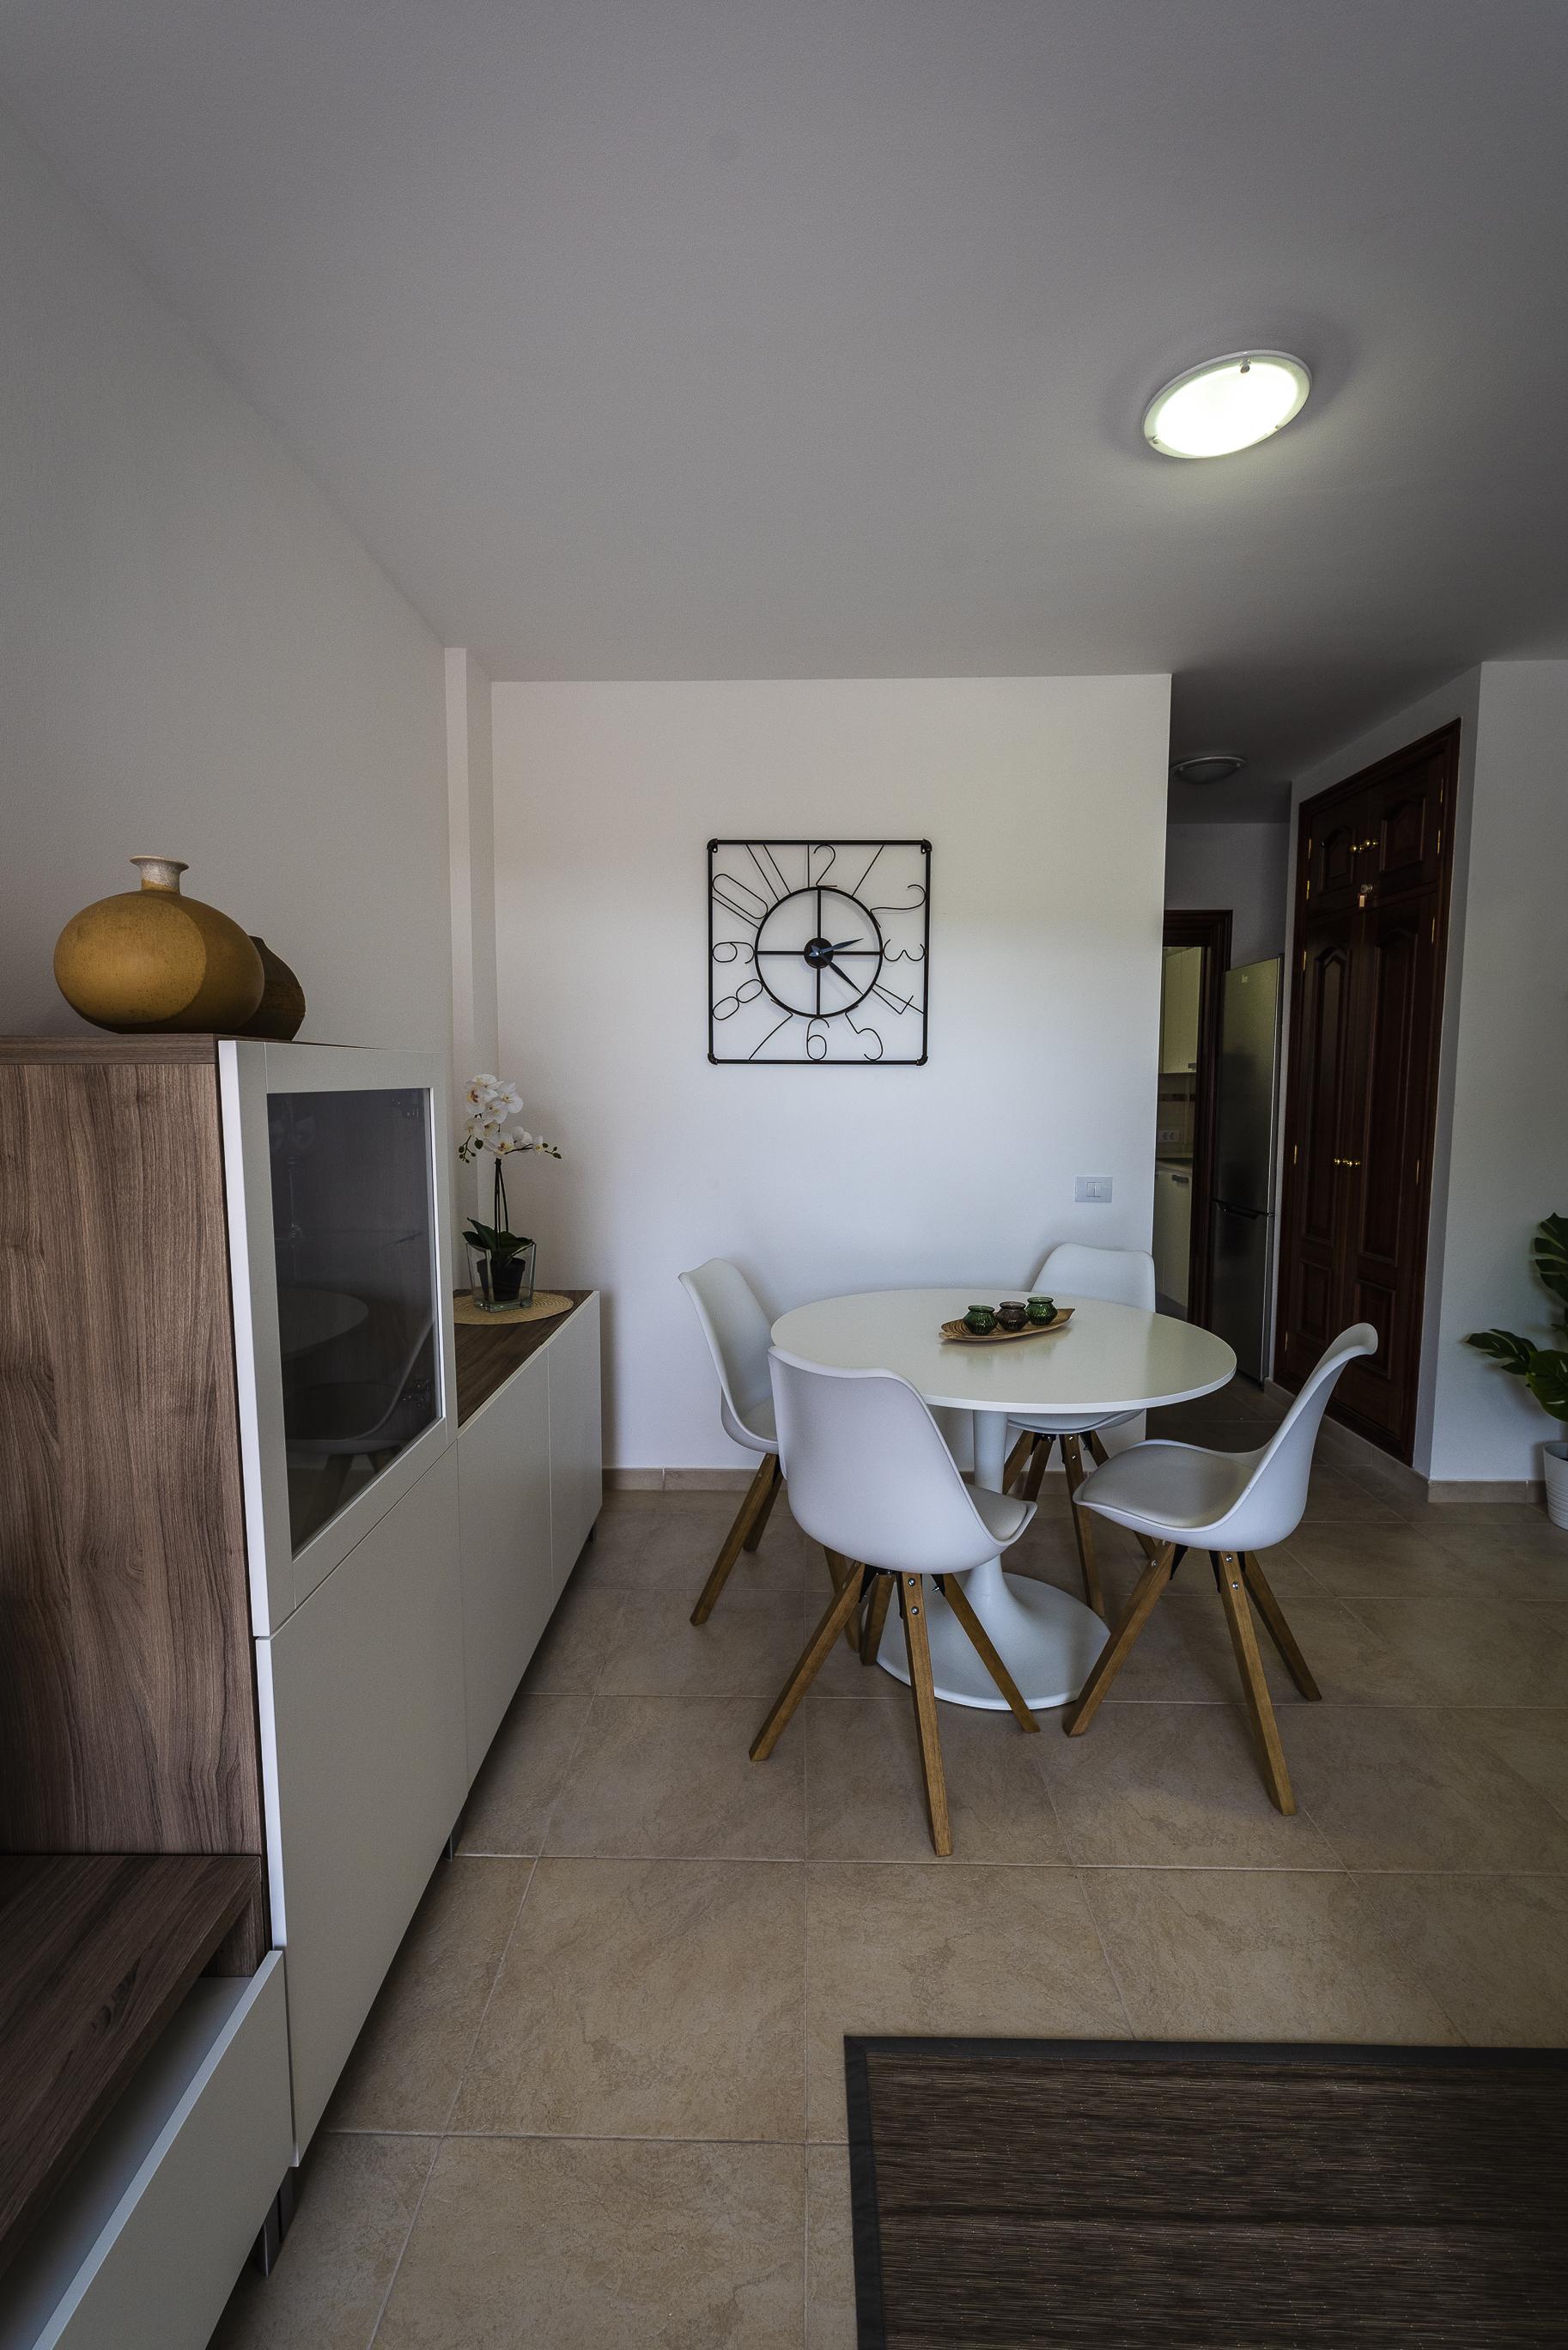 Ferienhaus  (2681968), Playa de Santiago, La Gomera, Kanarische Inseln, Spanien, Bild 12